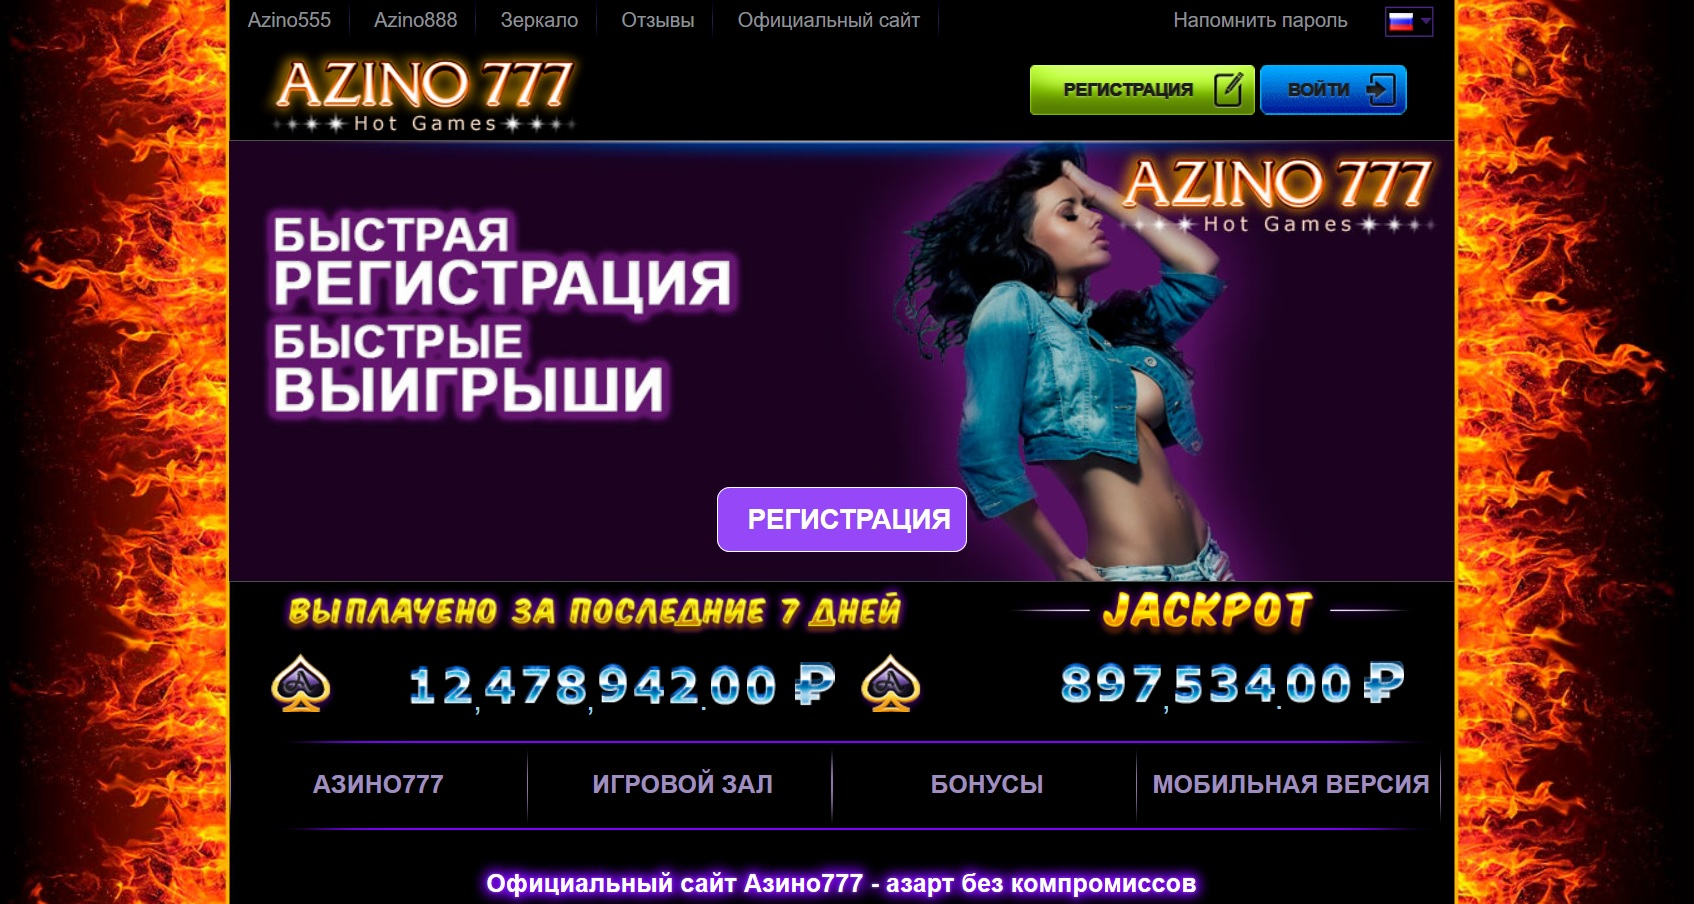 как зайти на сайт азино777